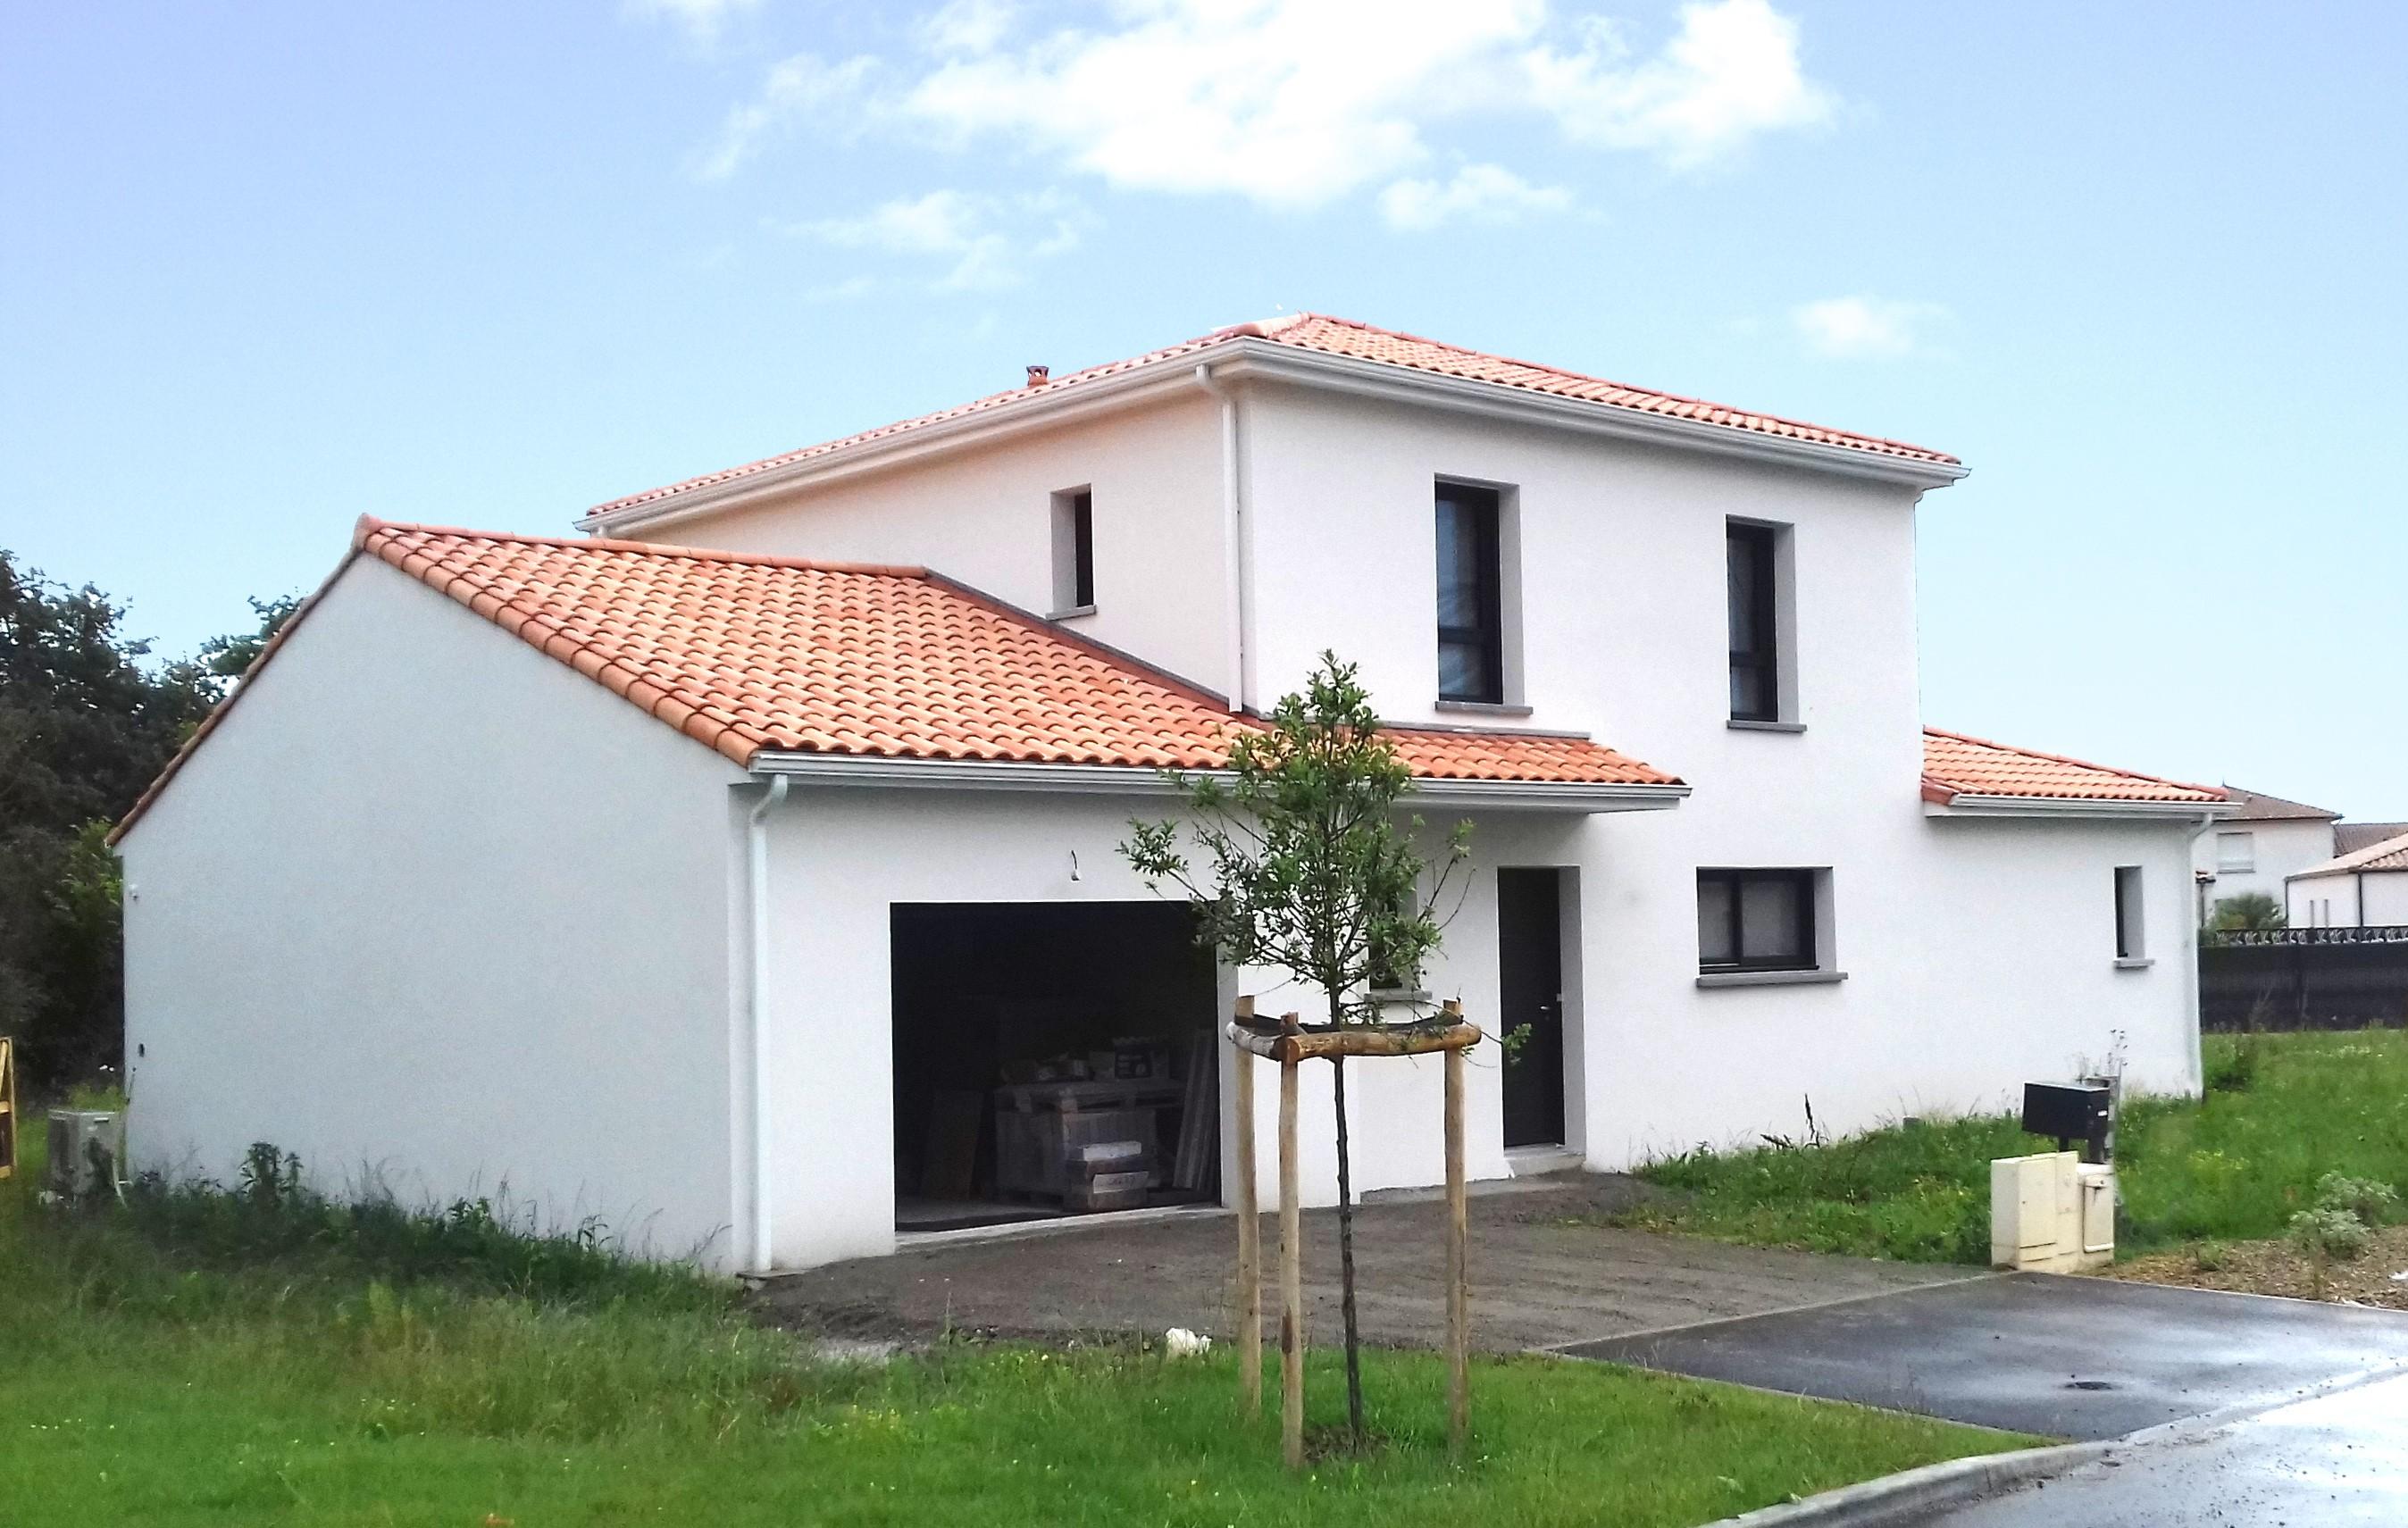 Maisons + Terrains du constructeur Maison Familiale • 100 m² • TALMONT SAINT HILAIRE